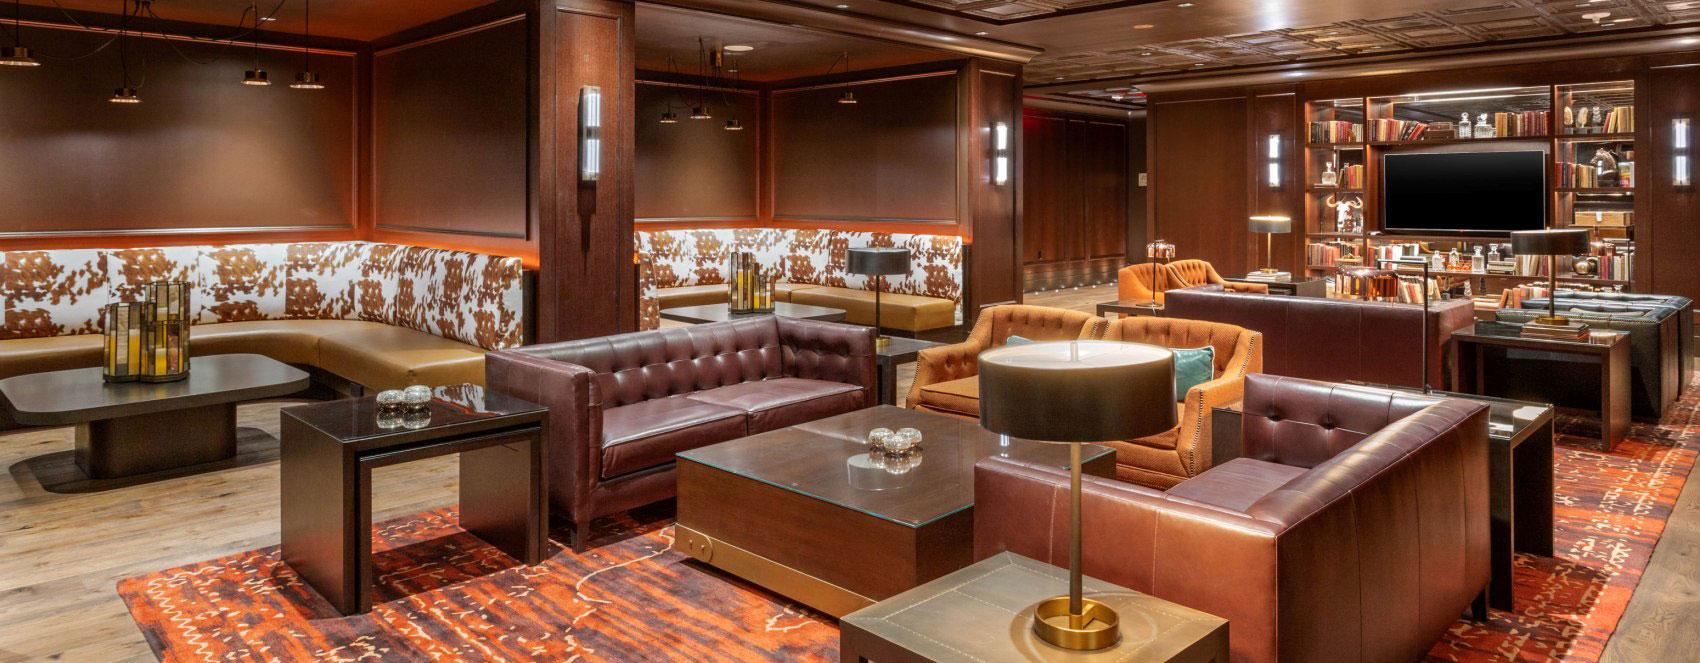 Houston Hotels   Omni Houston Hotel